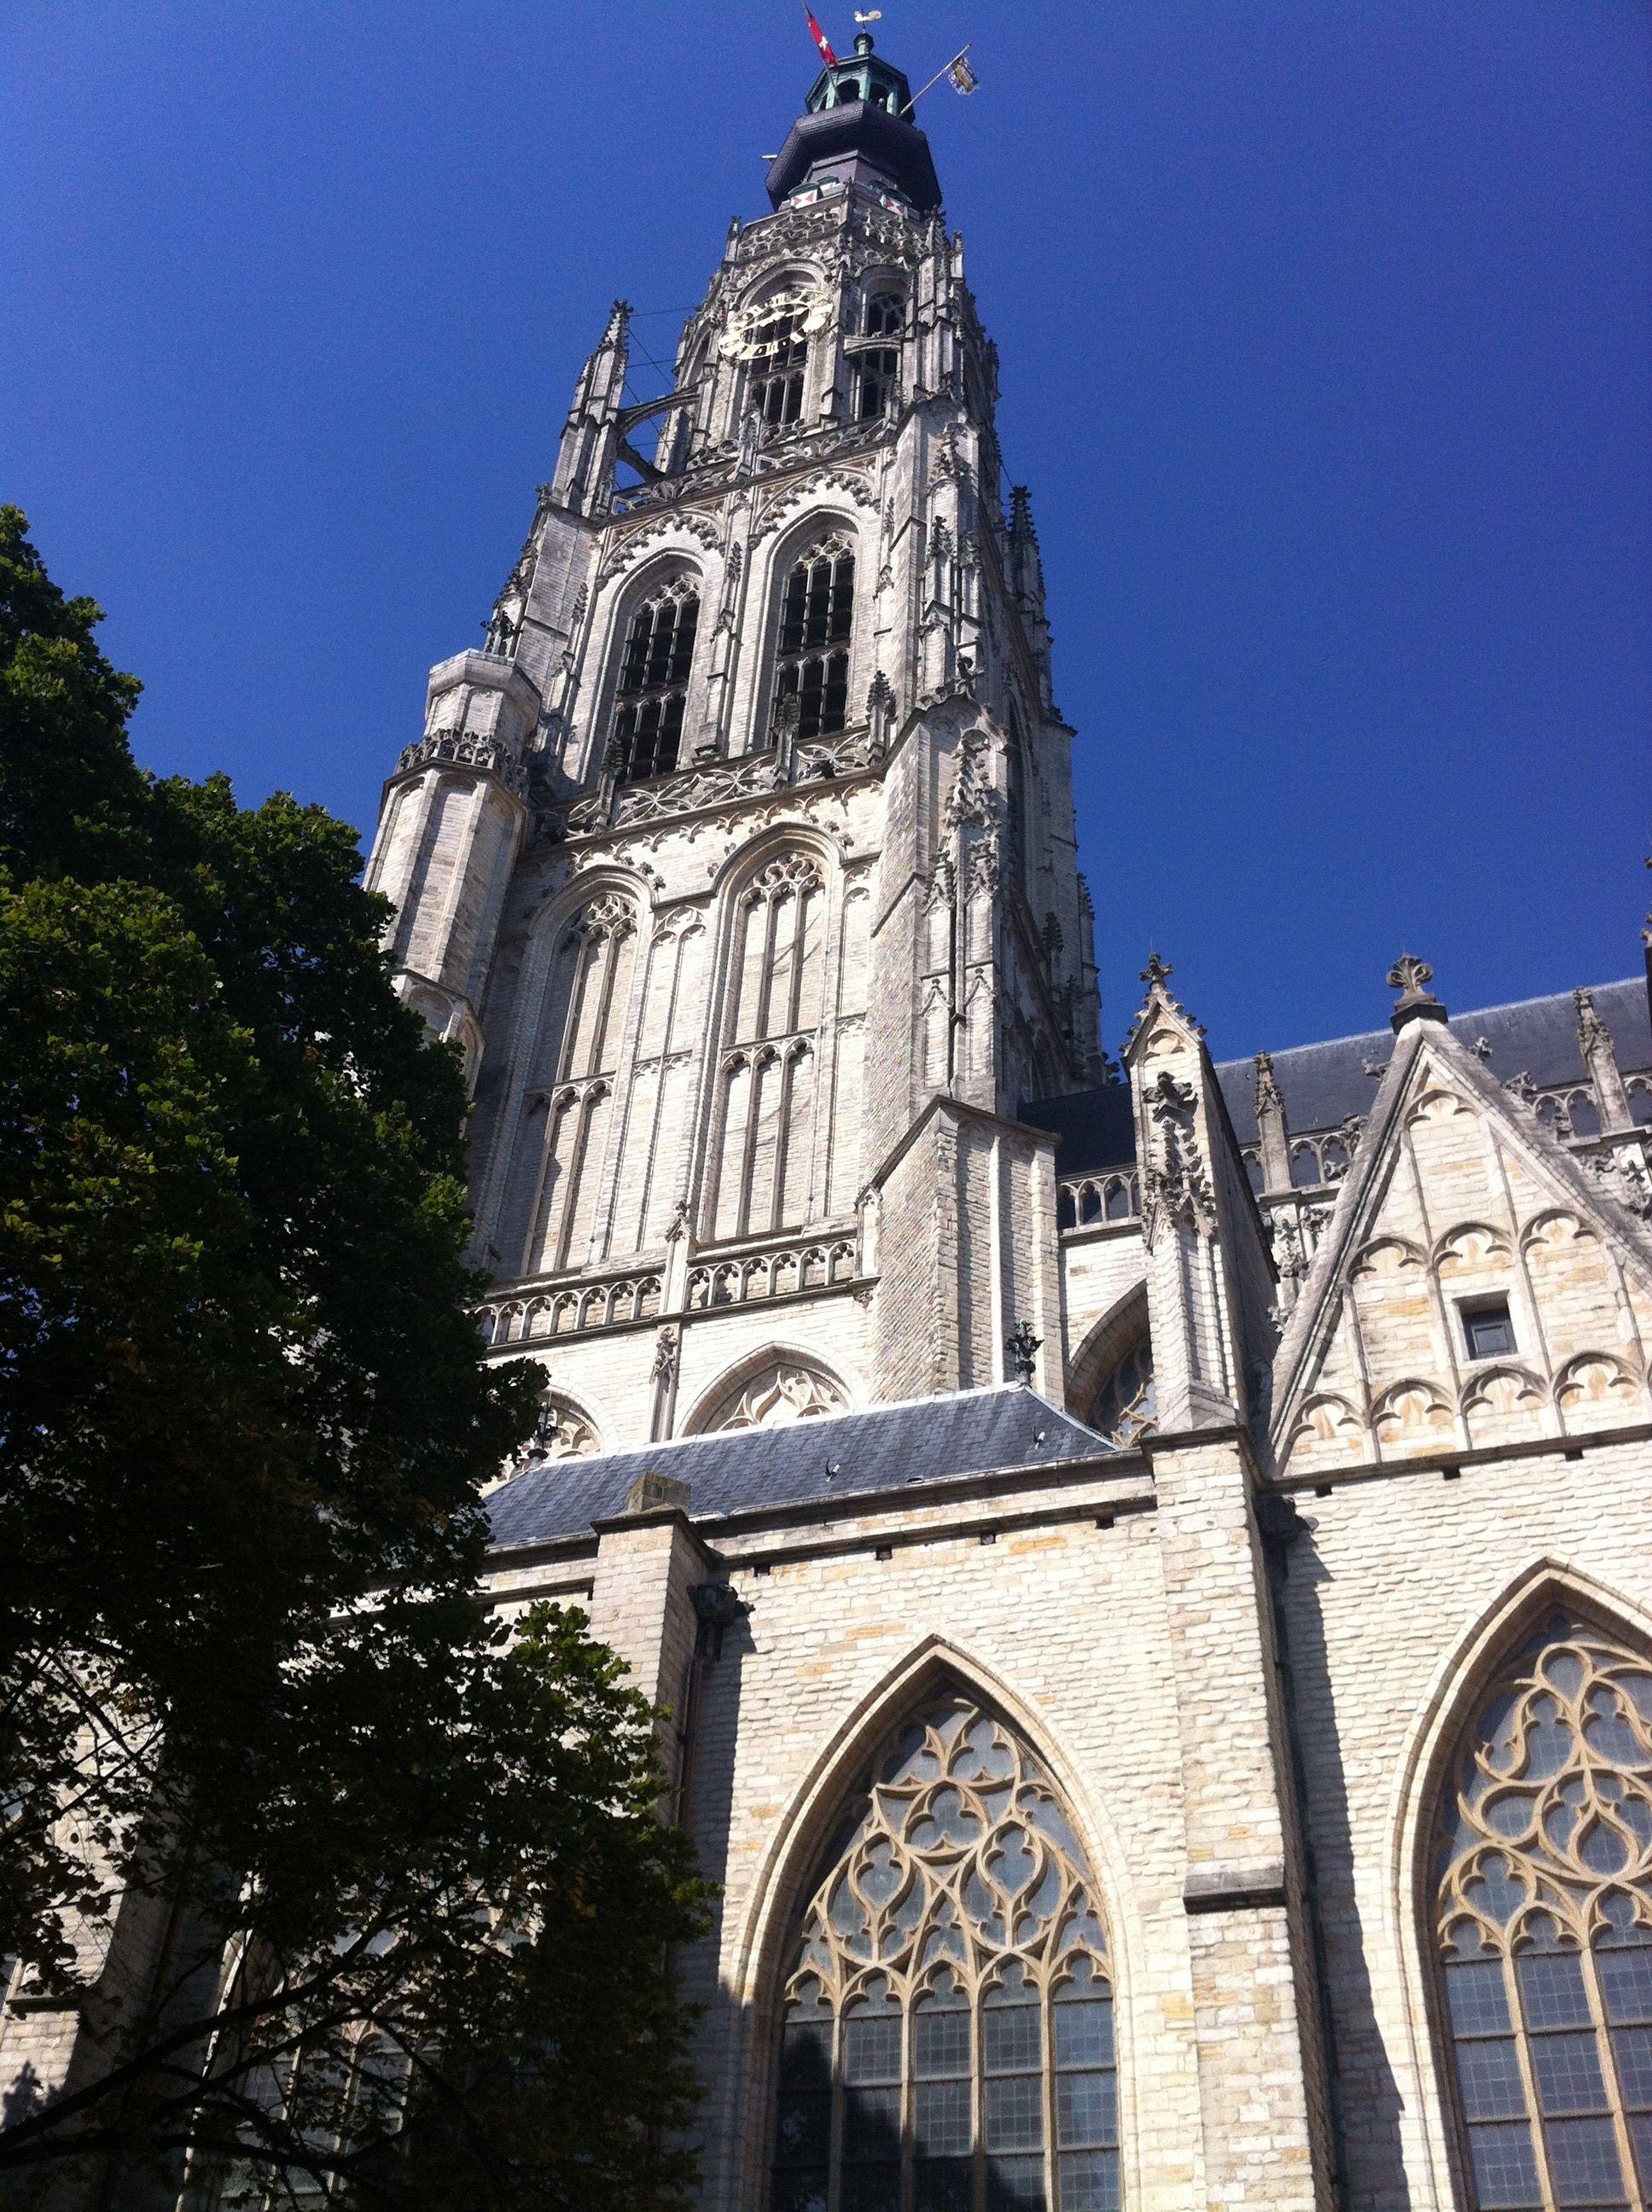 Grote of OLV kerk